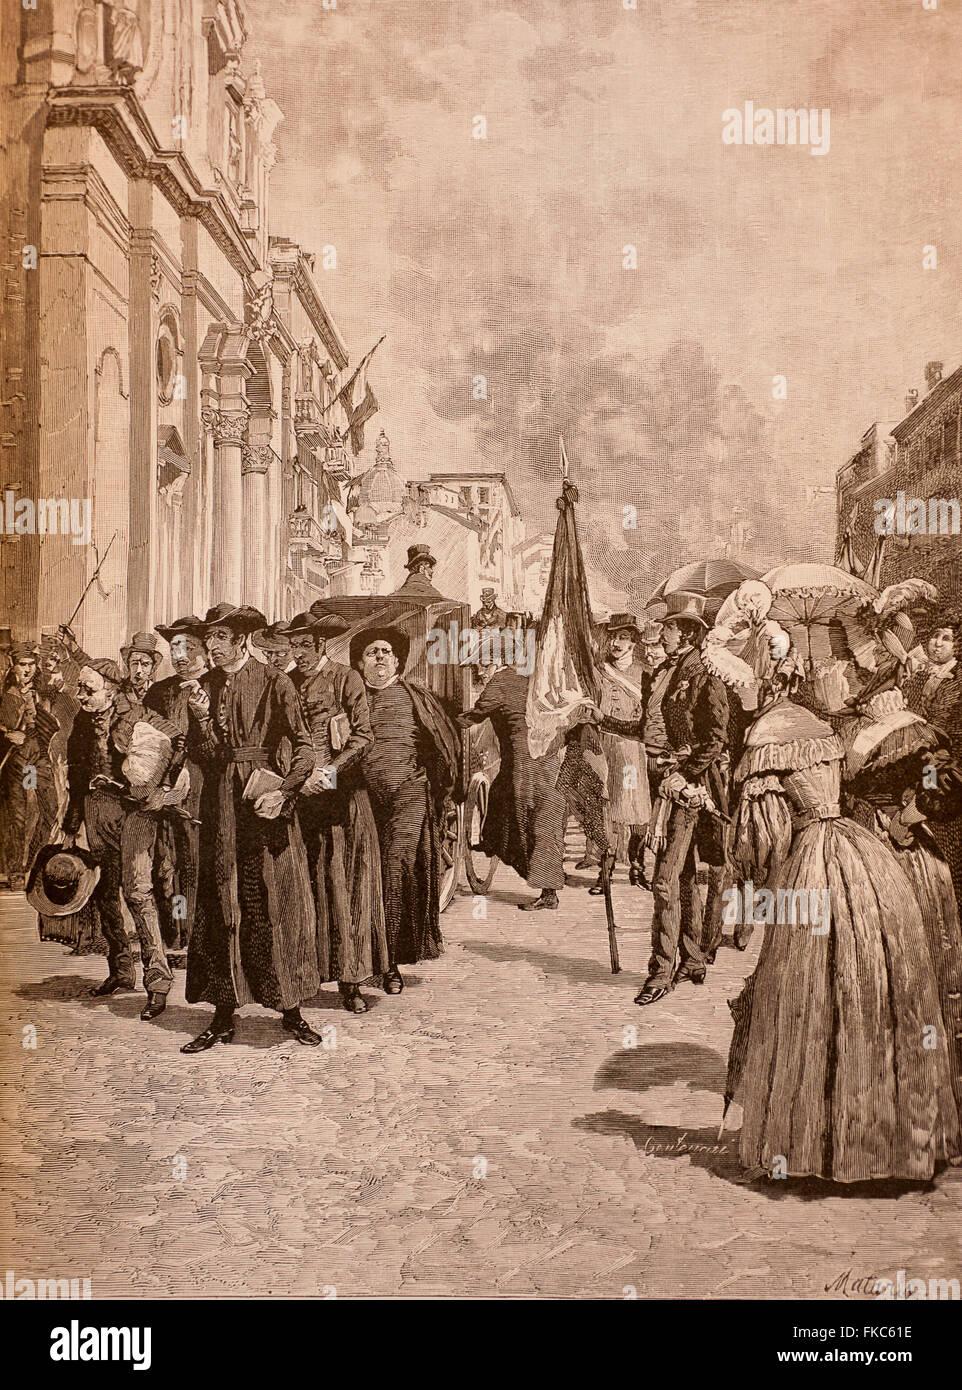 Italian Risorgimento February 12, 1831 expulsion of the Jesuits from Modena - Stock Image